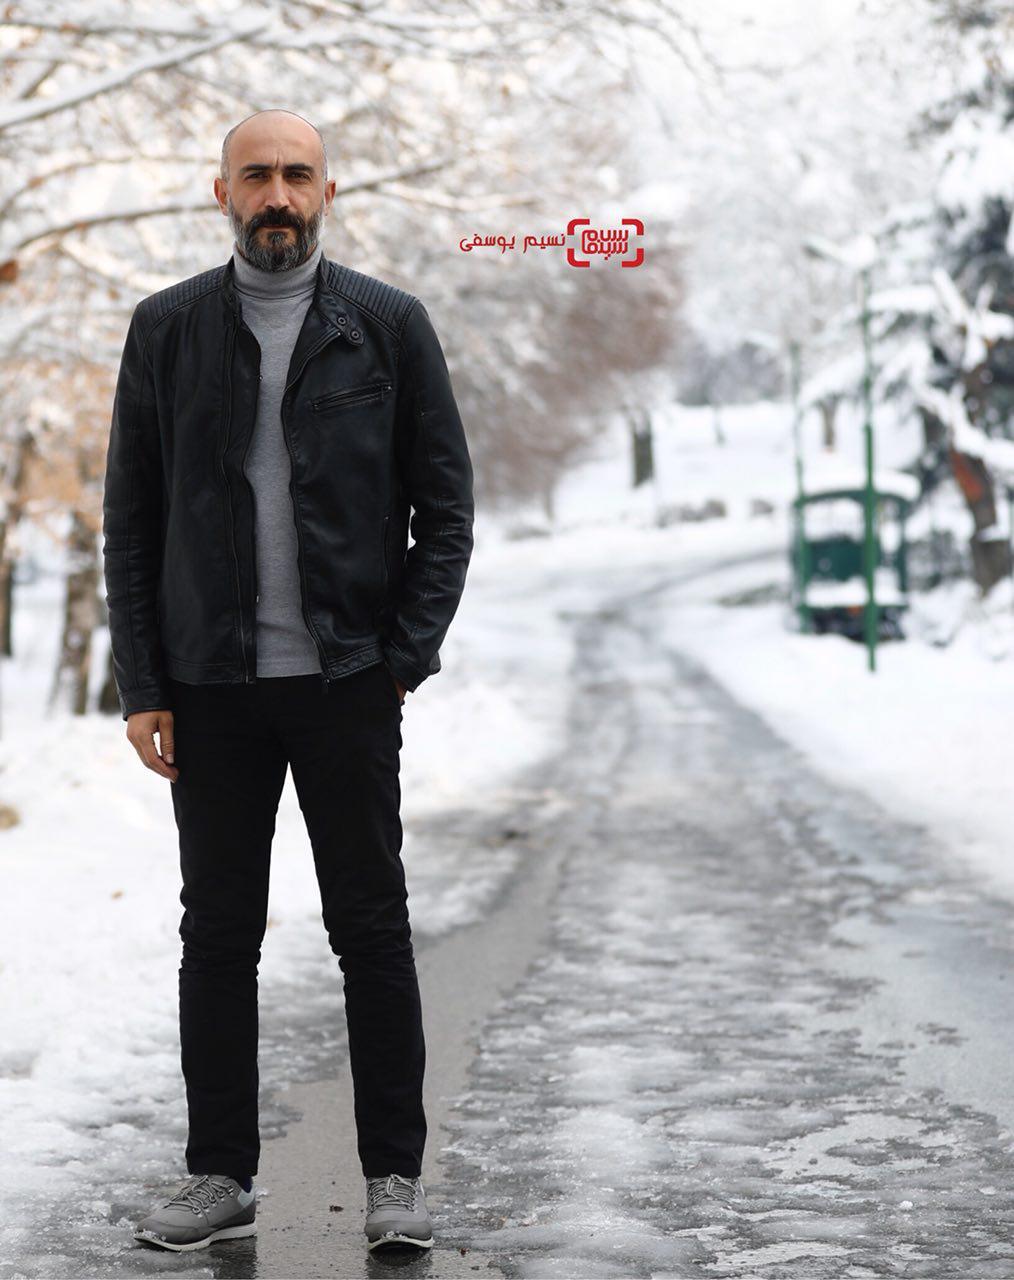 15 عکس برتر جشنواره فیلم فجر از قاب نسیم یوسفی/ هادی حجازی فر